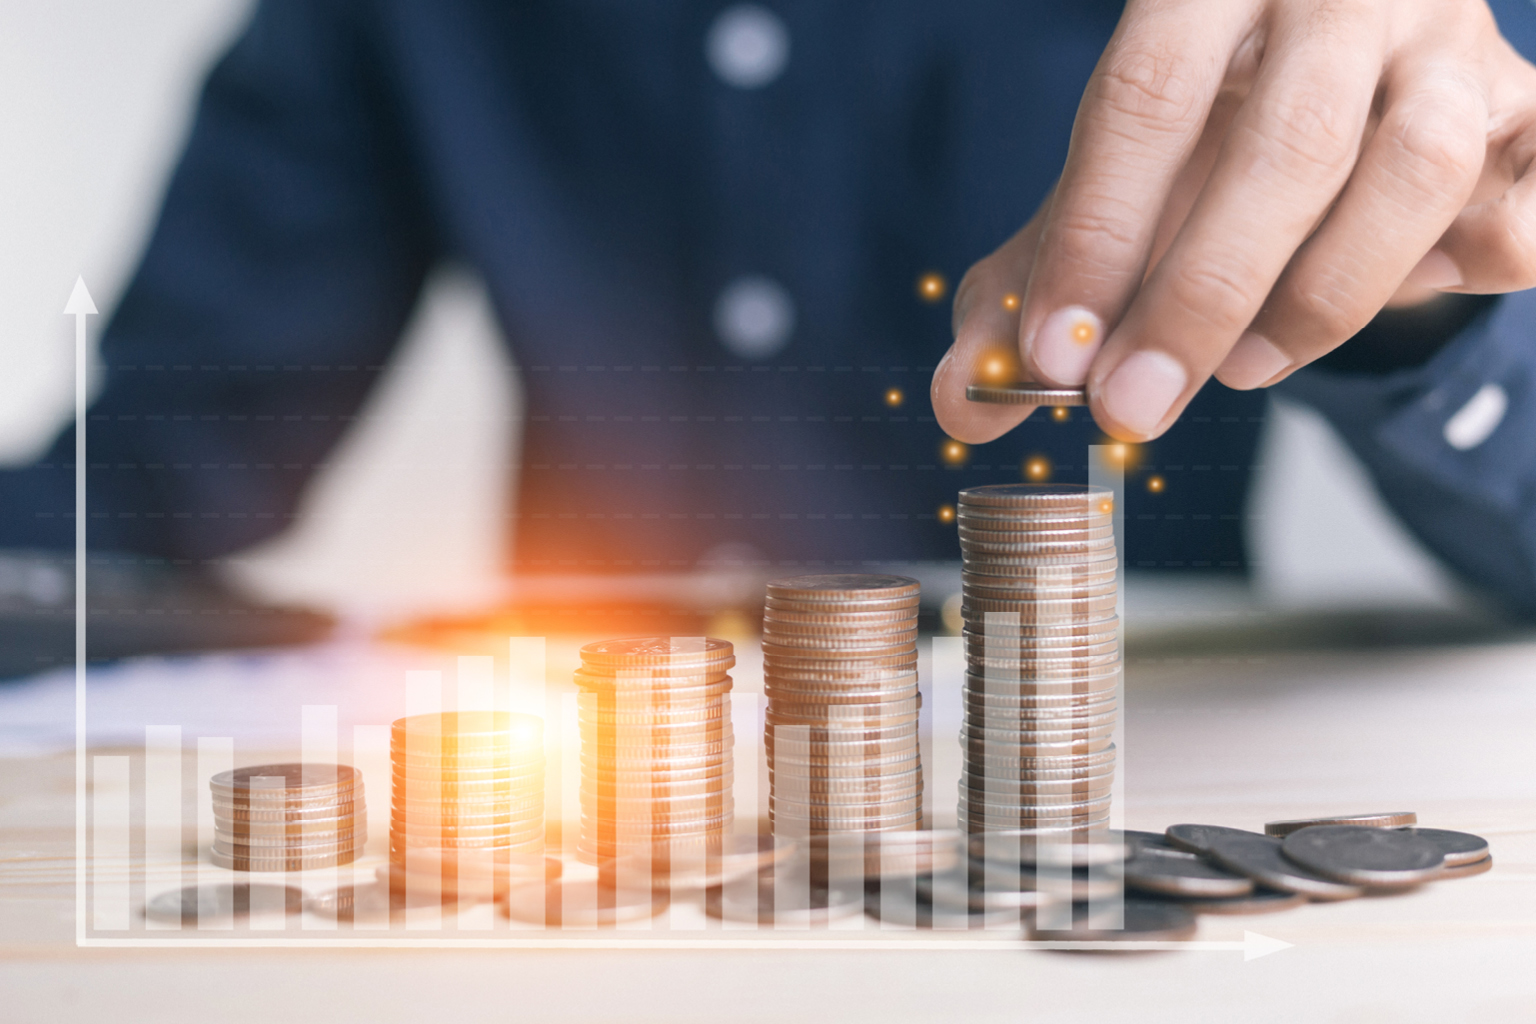 Bando patrimonio impresa – misura per favorire il rafforzamento patrimoniale delle PMI lombarde e la ripresa economica